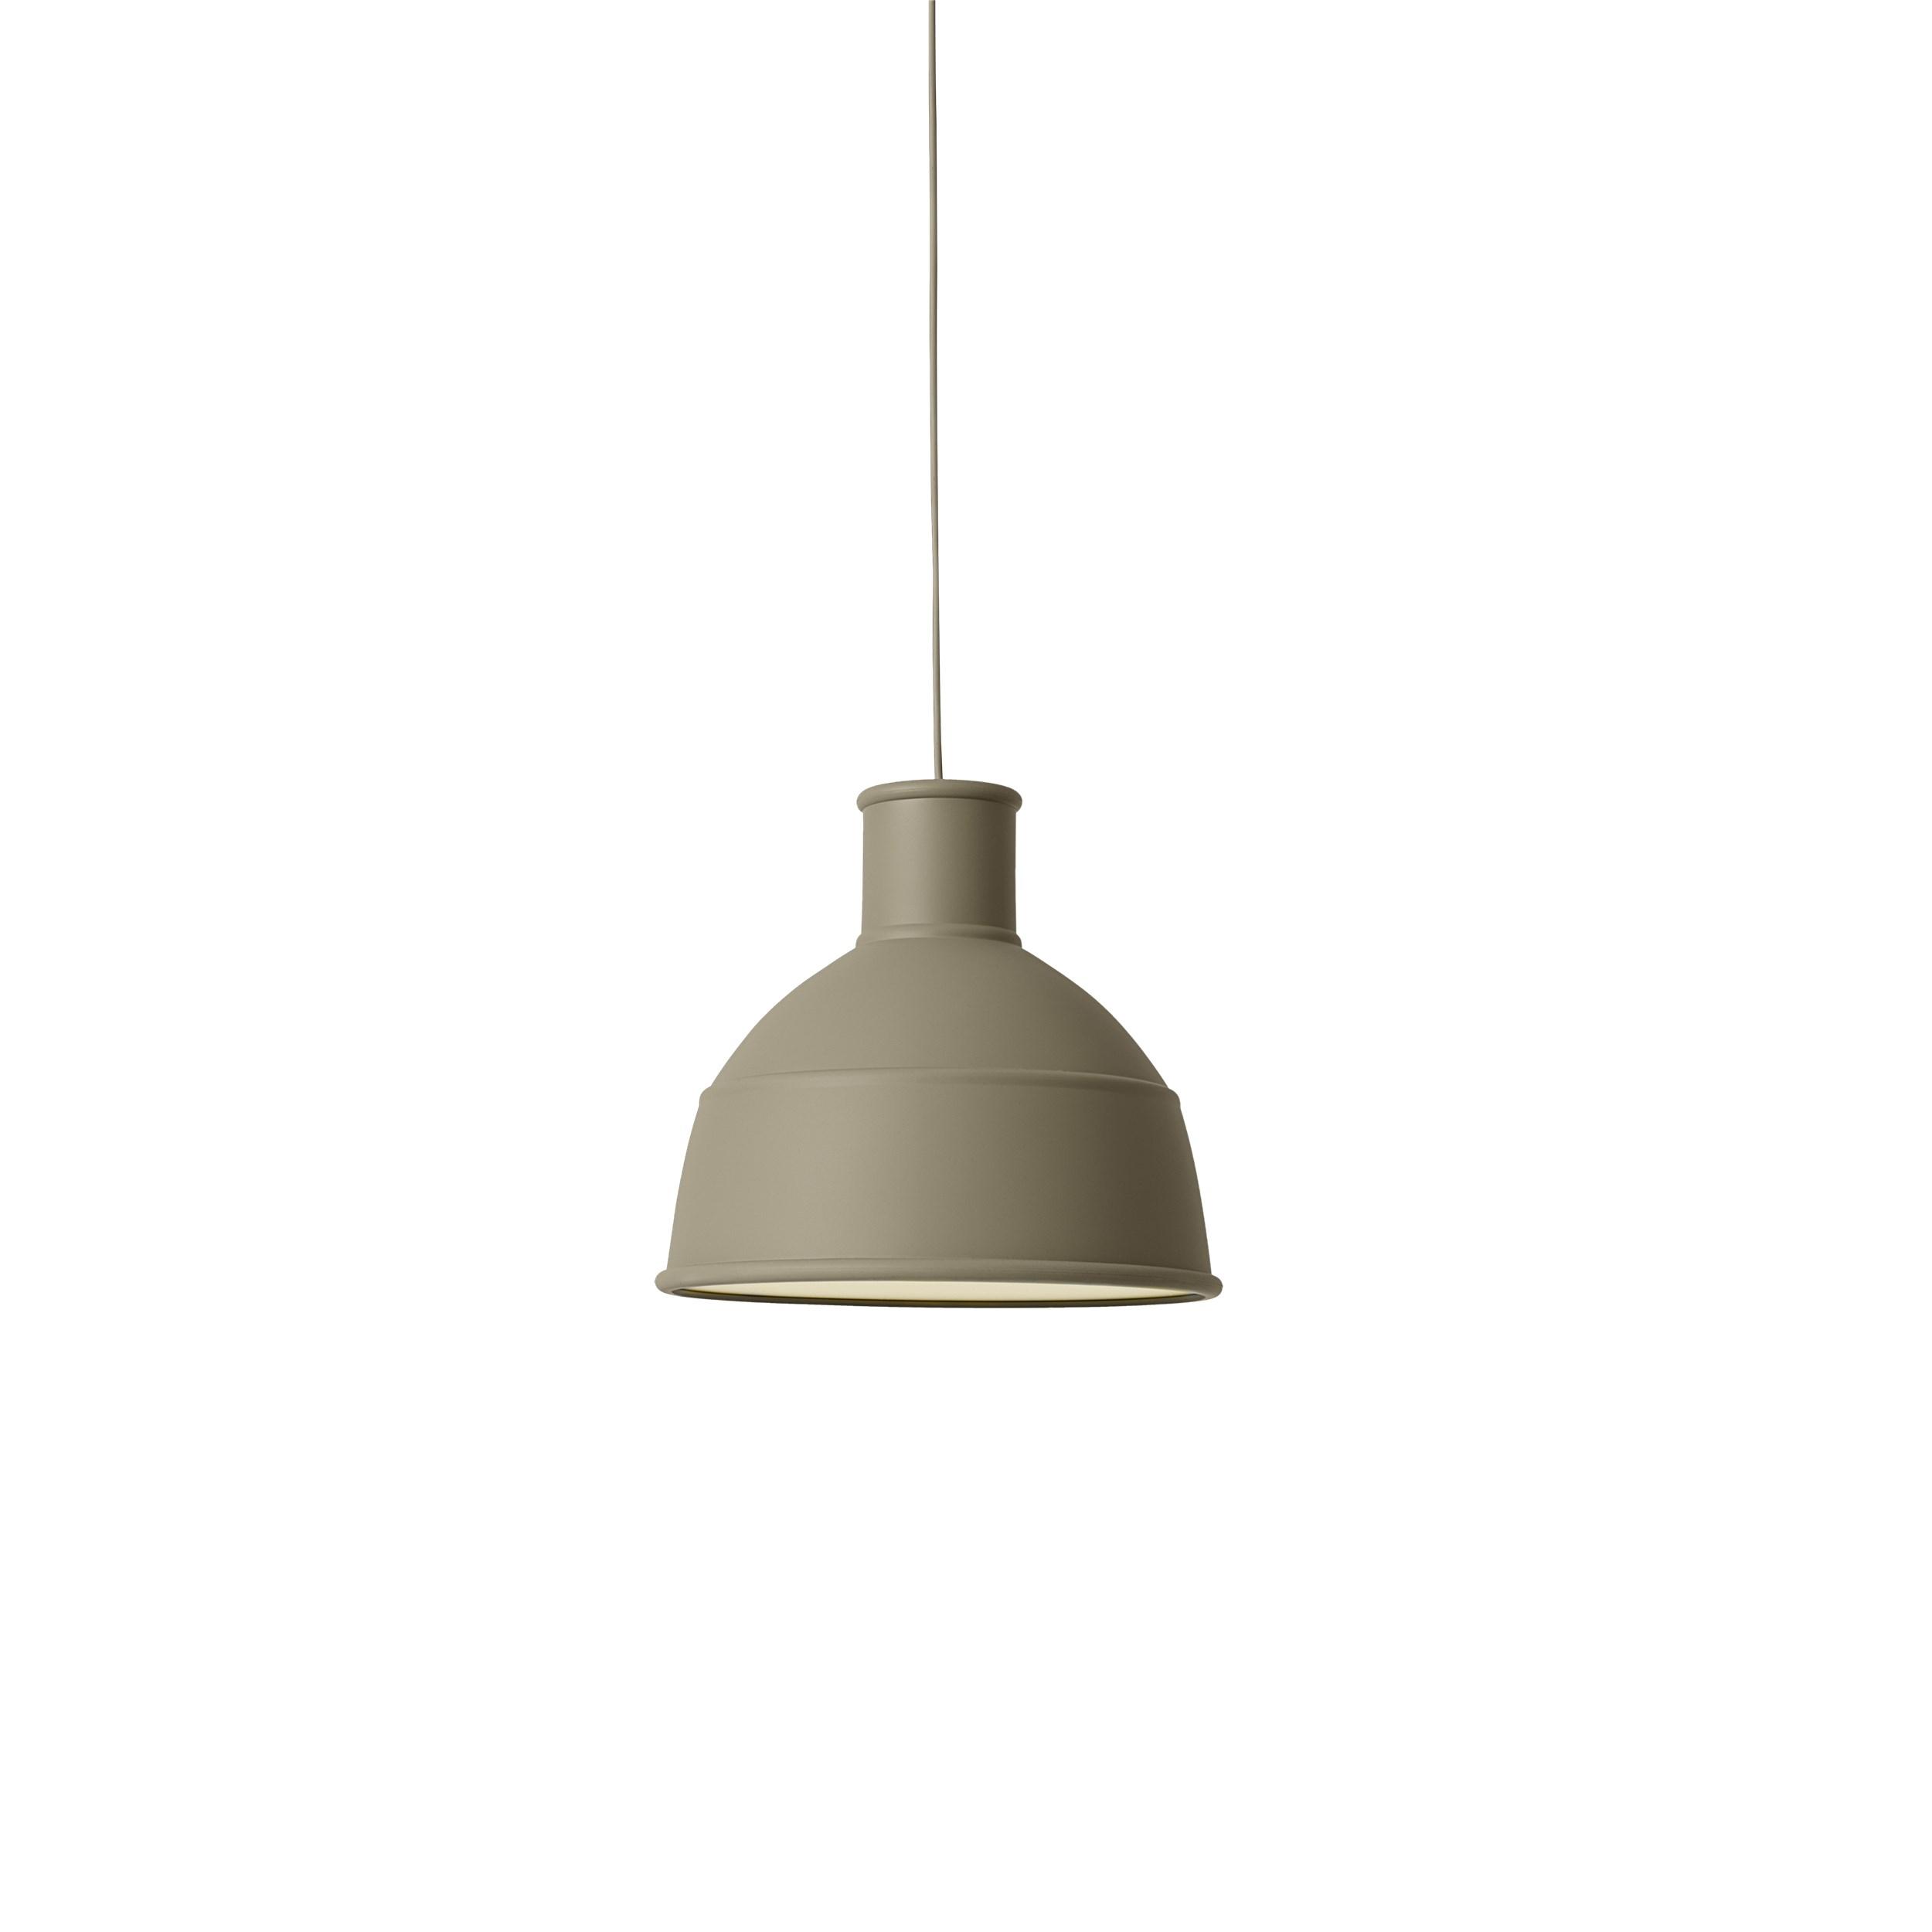 Muuto, Unfold Lamp, Olive